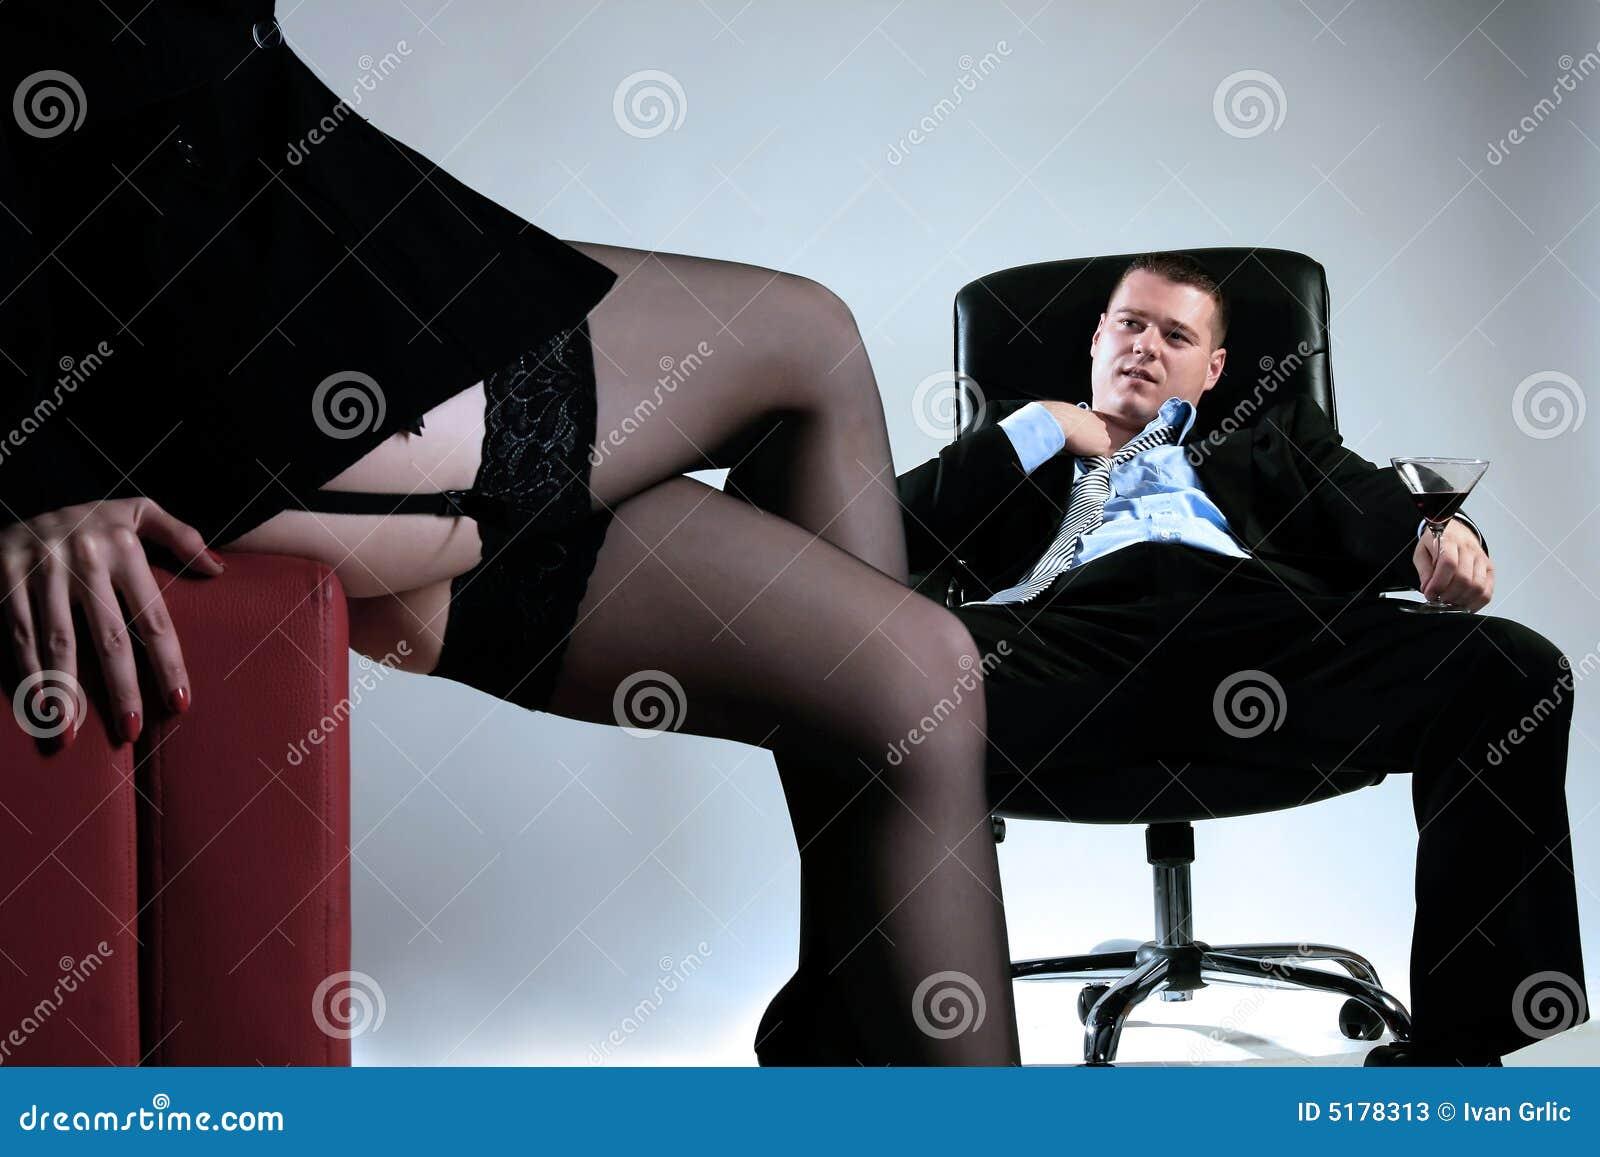 Секретарши и начальник 31 фотография